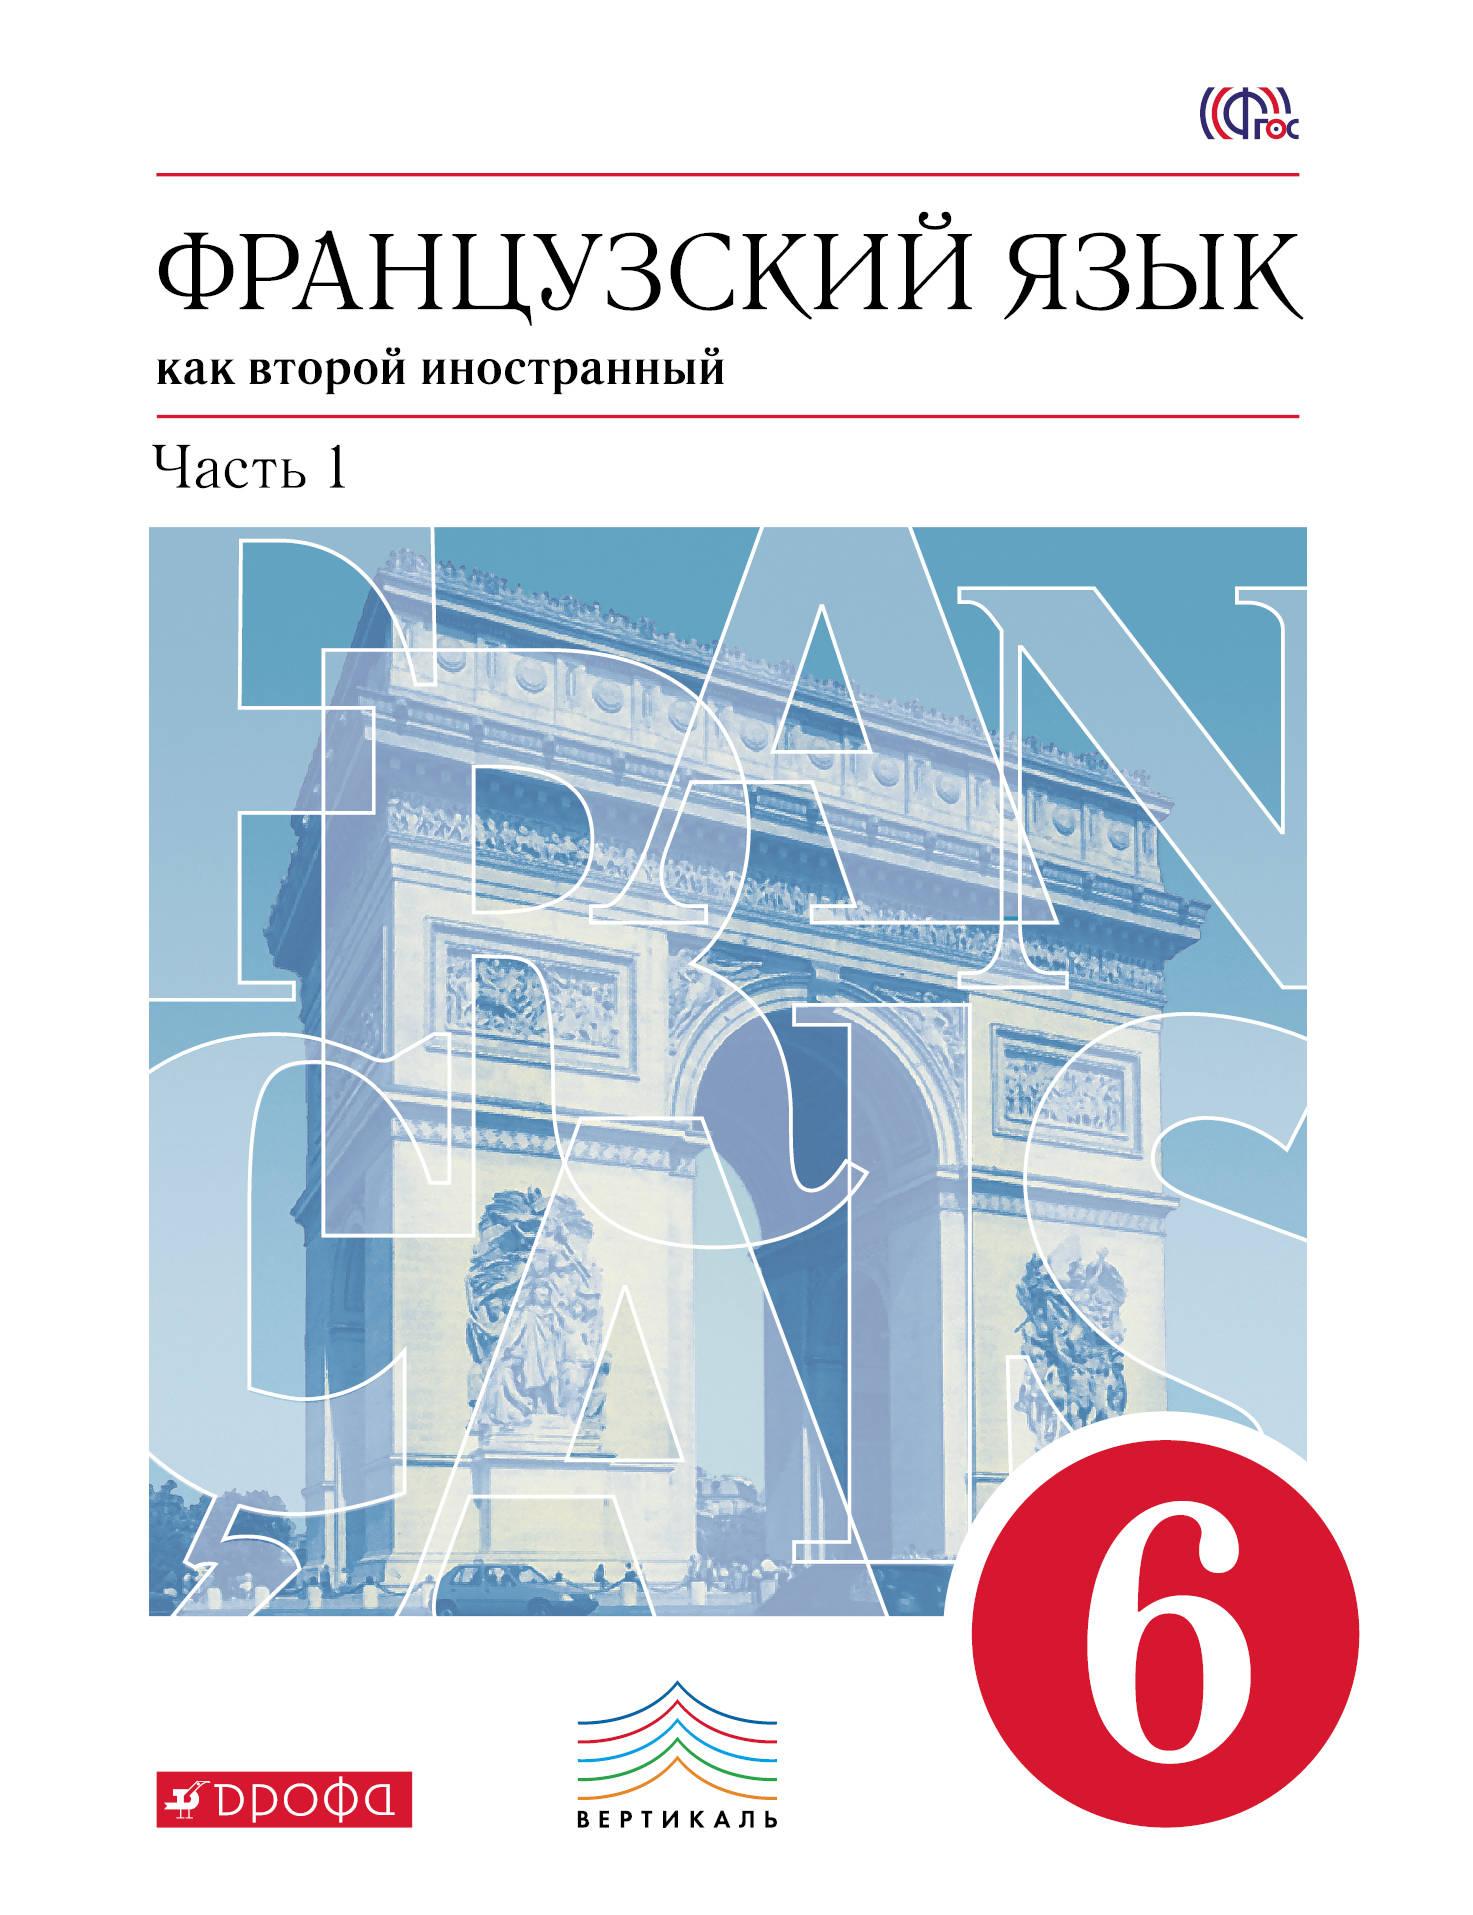 Французский язык как второй иностранный. 2-ой год обучения. 6 класс. Учебник. В 2 частях. Часть 1